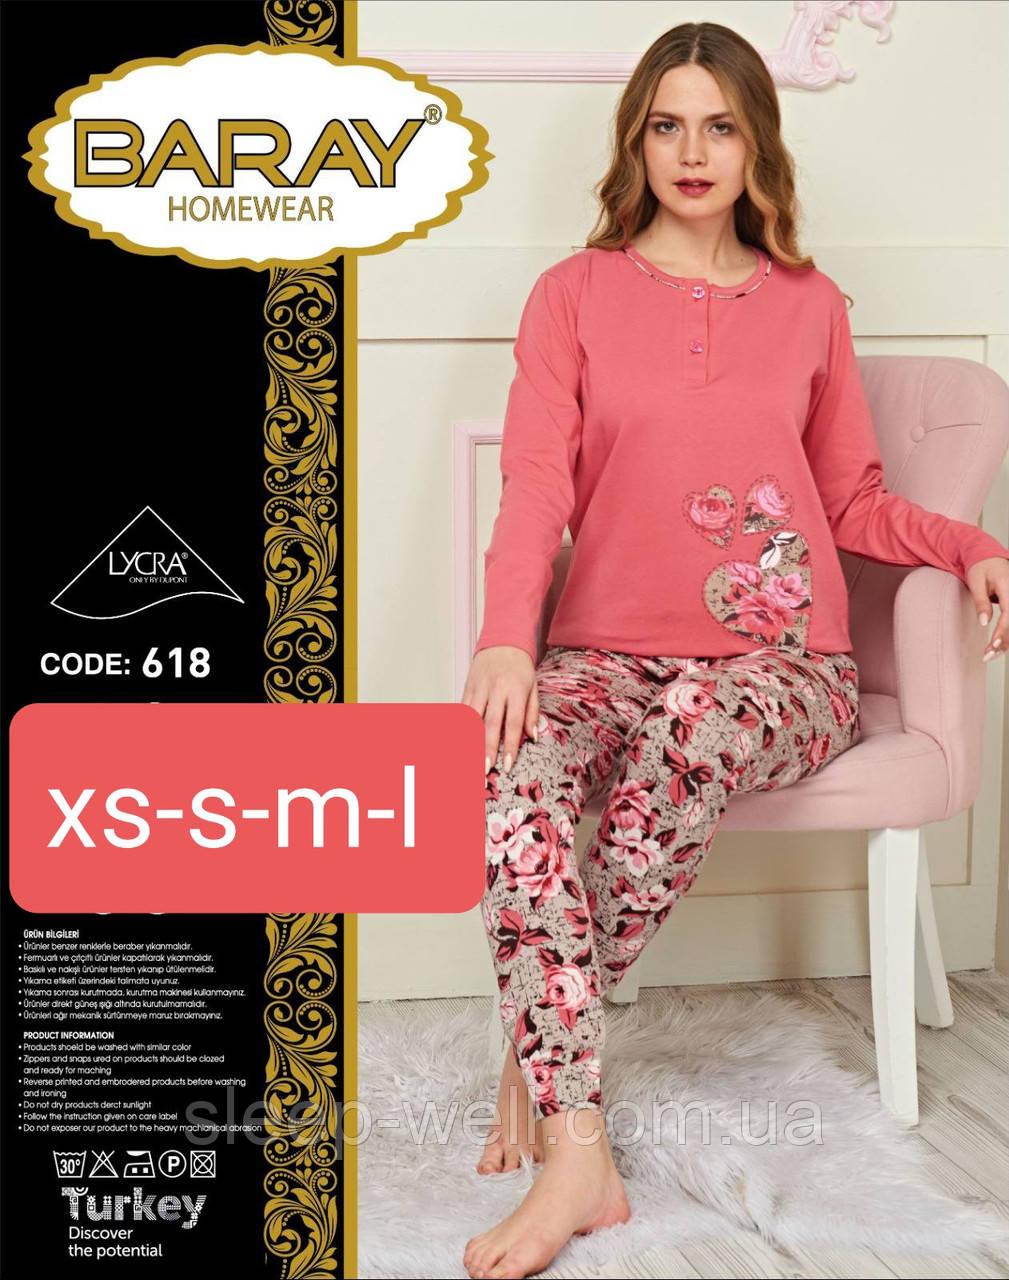 Стильная пижама с рисунком, Baray